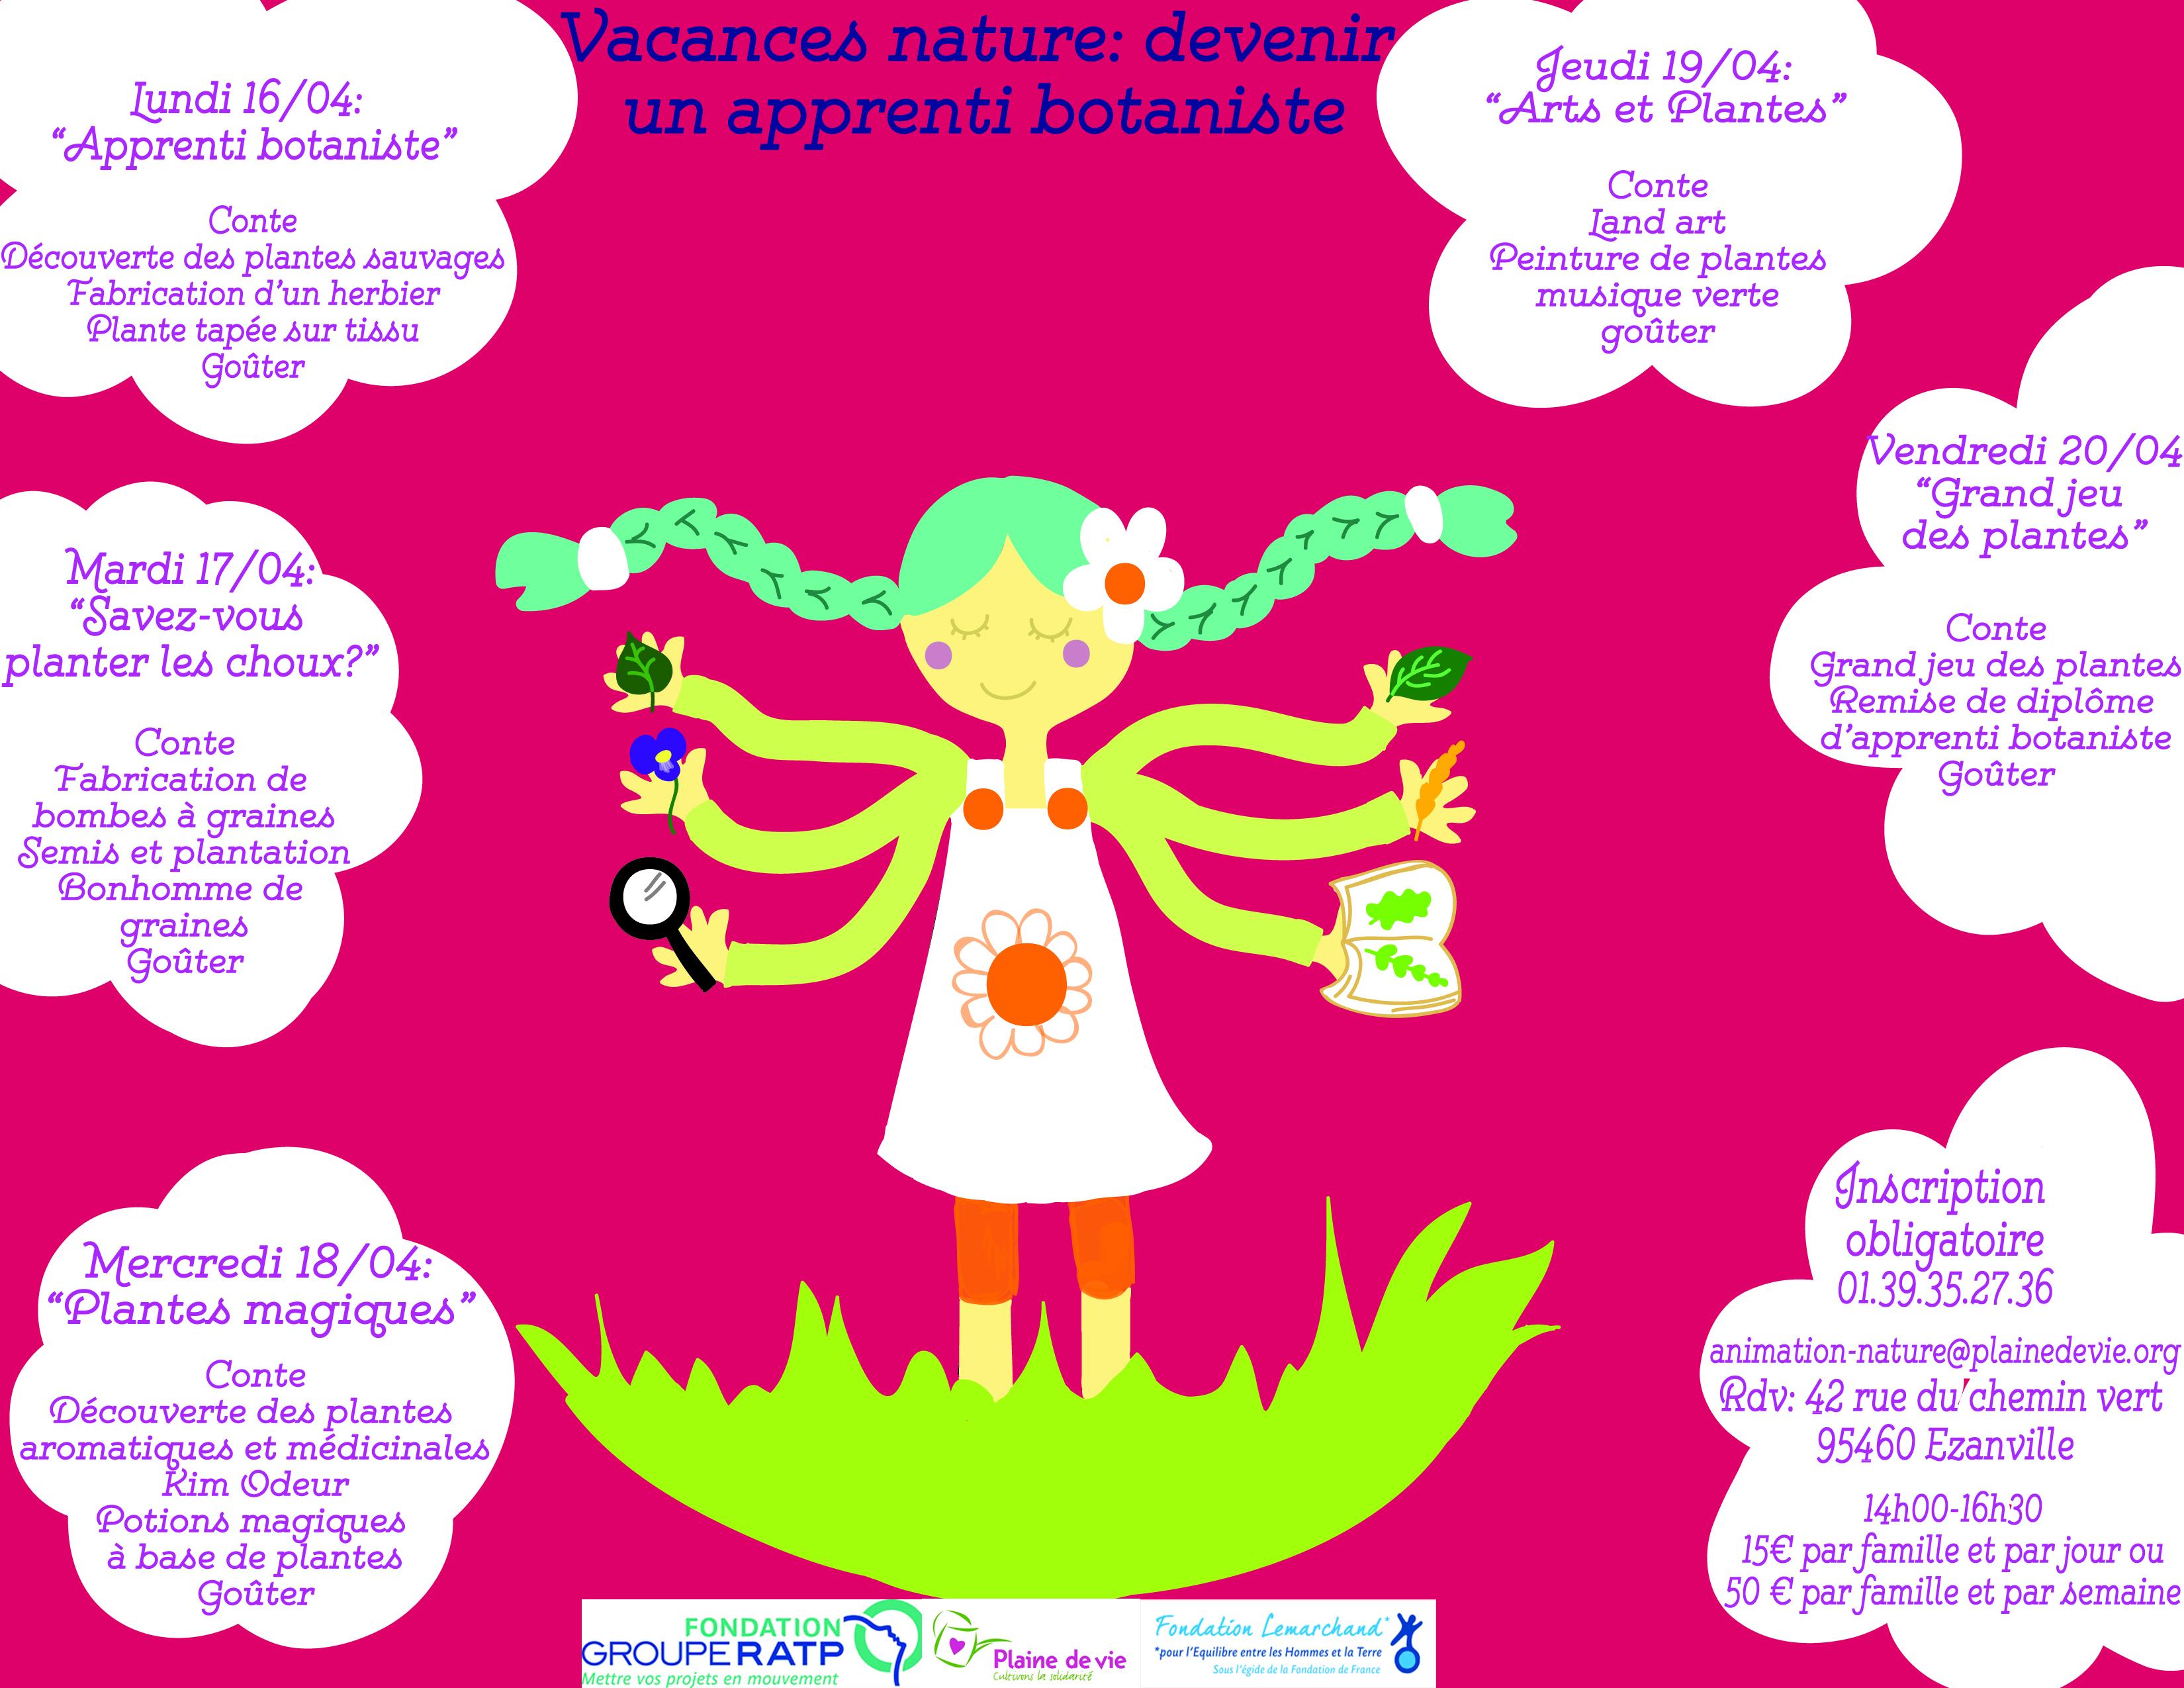 Semaine de l'apprenti botaniste du 16 au 20/04